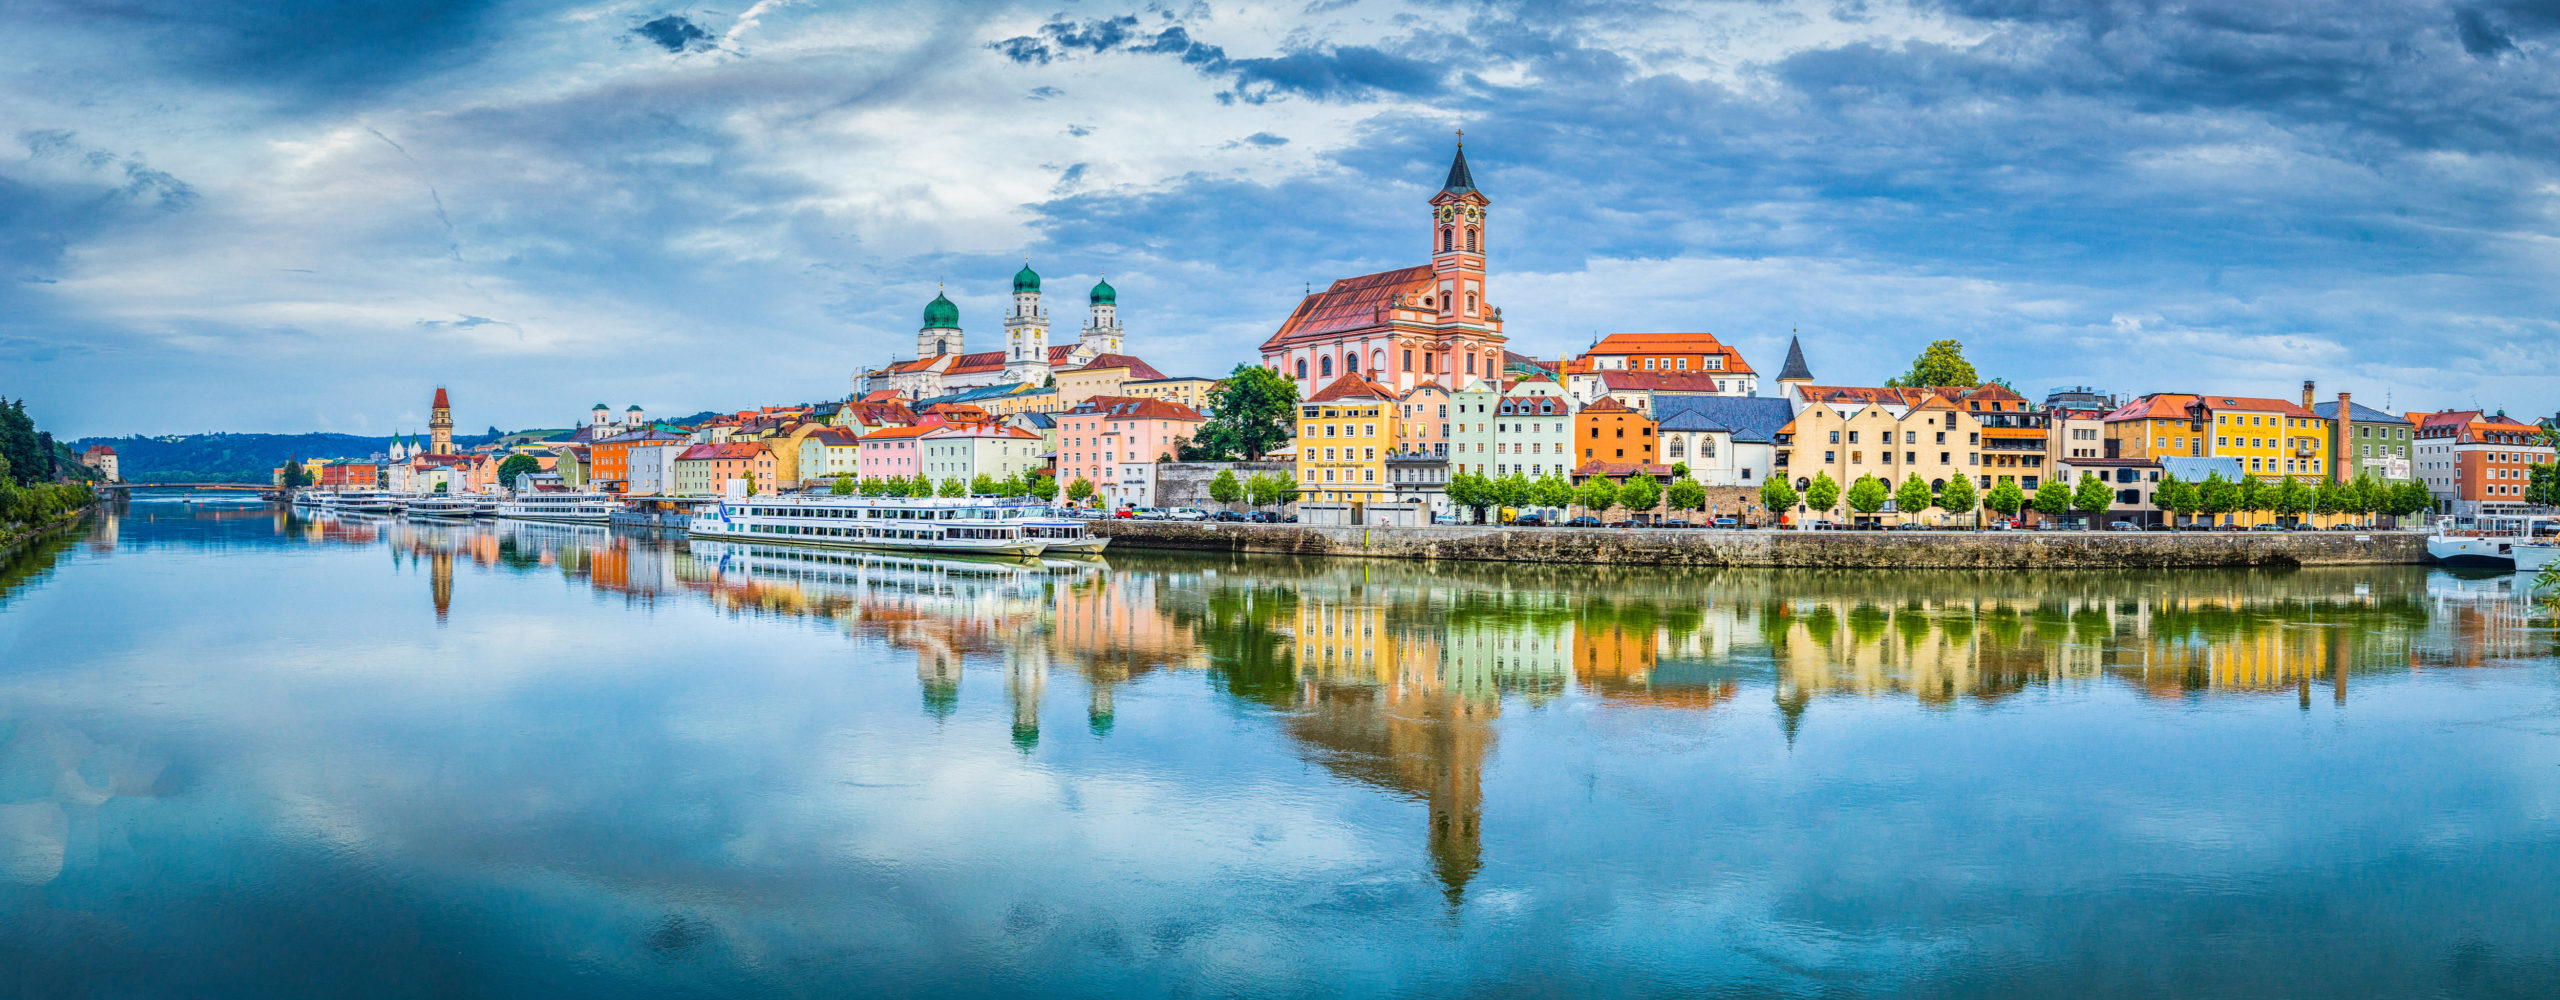 La histórica ciudad bávara de Passau, junto al Danubio. | FOTO: CanadaStock